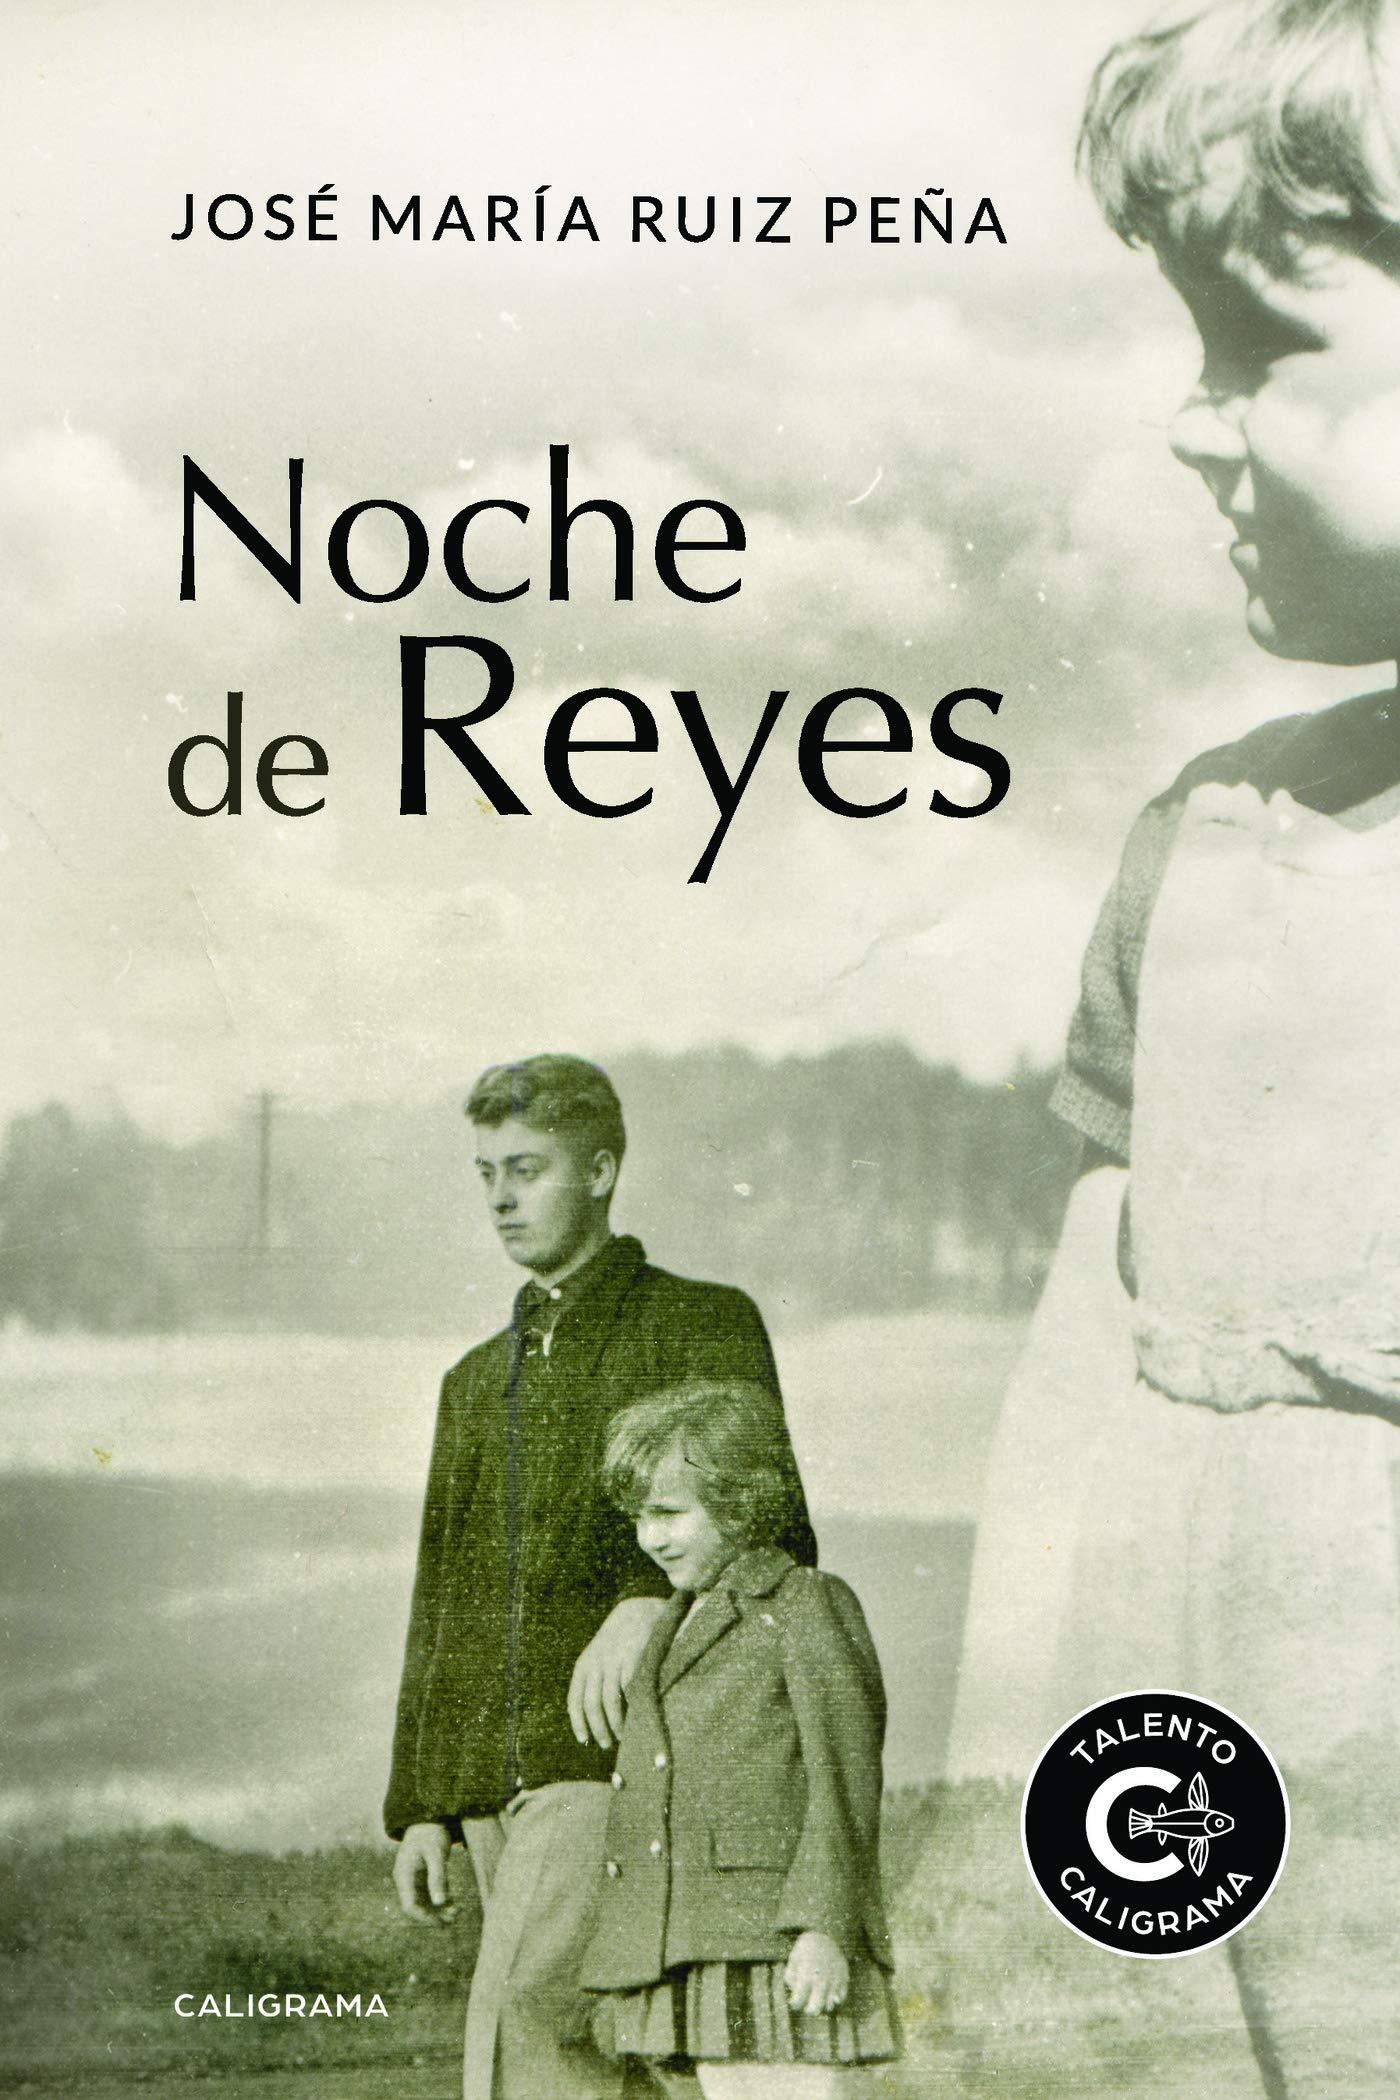 Noche de Reyes podría entenderse como una novela sobre la Guerra Civil y sus deplorables consecuencias en un país que, como se puede apreciar, aún se lame sus heridas.